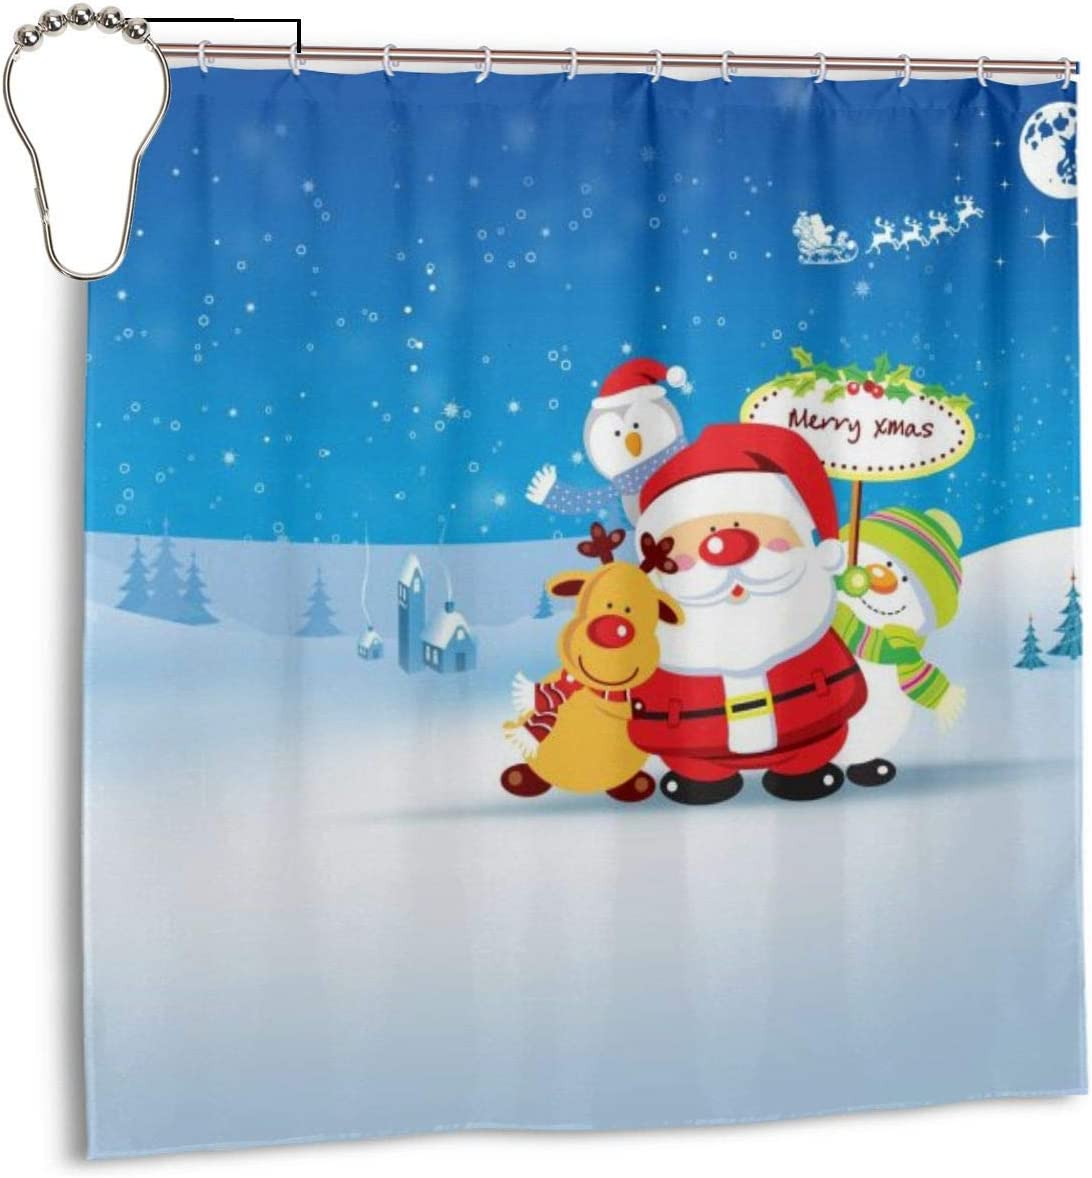 Albero Di Natale Yule.Haha Tenda Da Doccia Per Bambini Con Albero Di Natale Yule Pop Set Con 7 To12 Ganci Stampa 3d Tenda Da Bagno Per La Casa Decora Tessuto Tenda Per Privacy Lavabile In